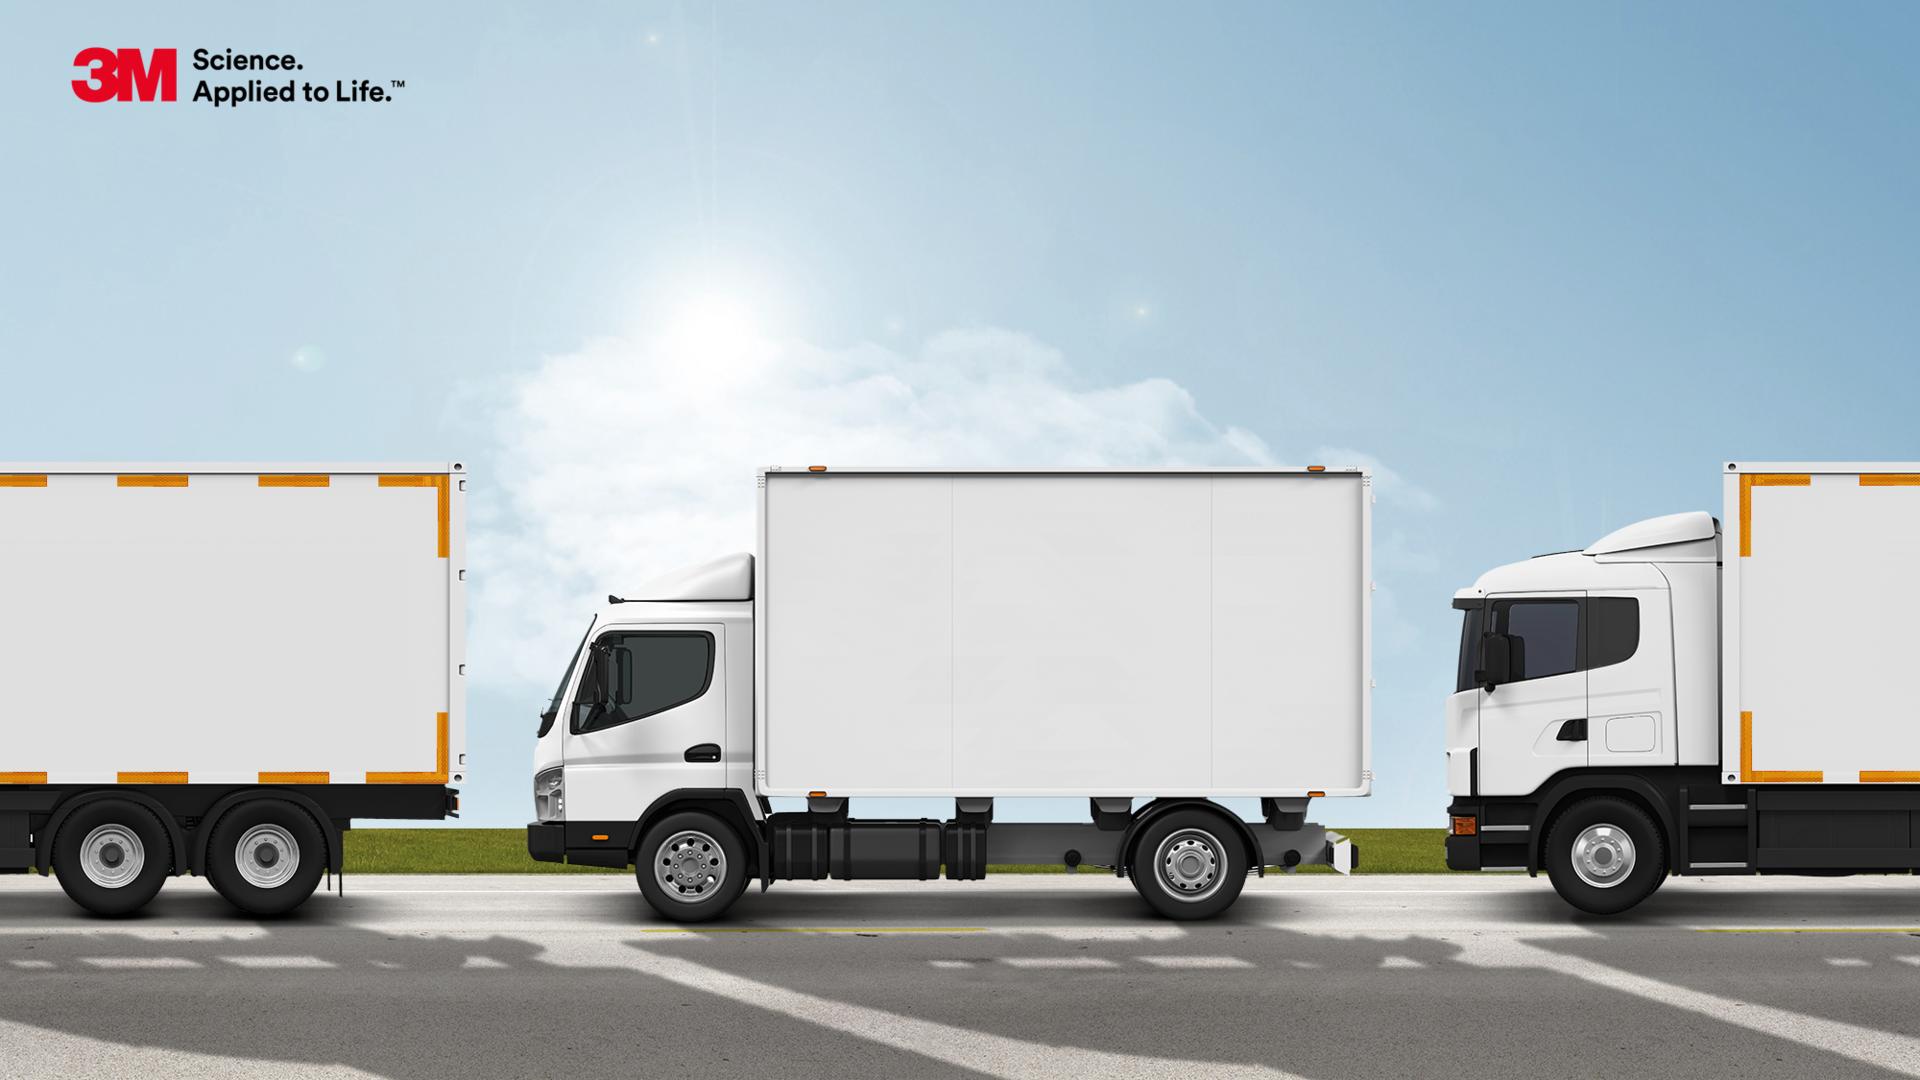 Aż trzy na cztery pojazdy ciężarowe w Polsce nie spełniają norm w zakresie oznakowania odblaskowego stanowiąc potencjalne zagrożenie na drodze – raport 3M